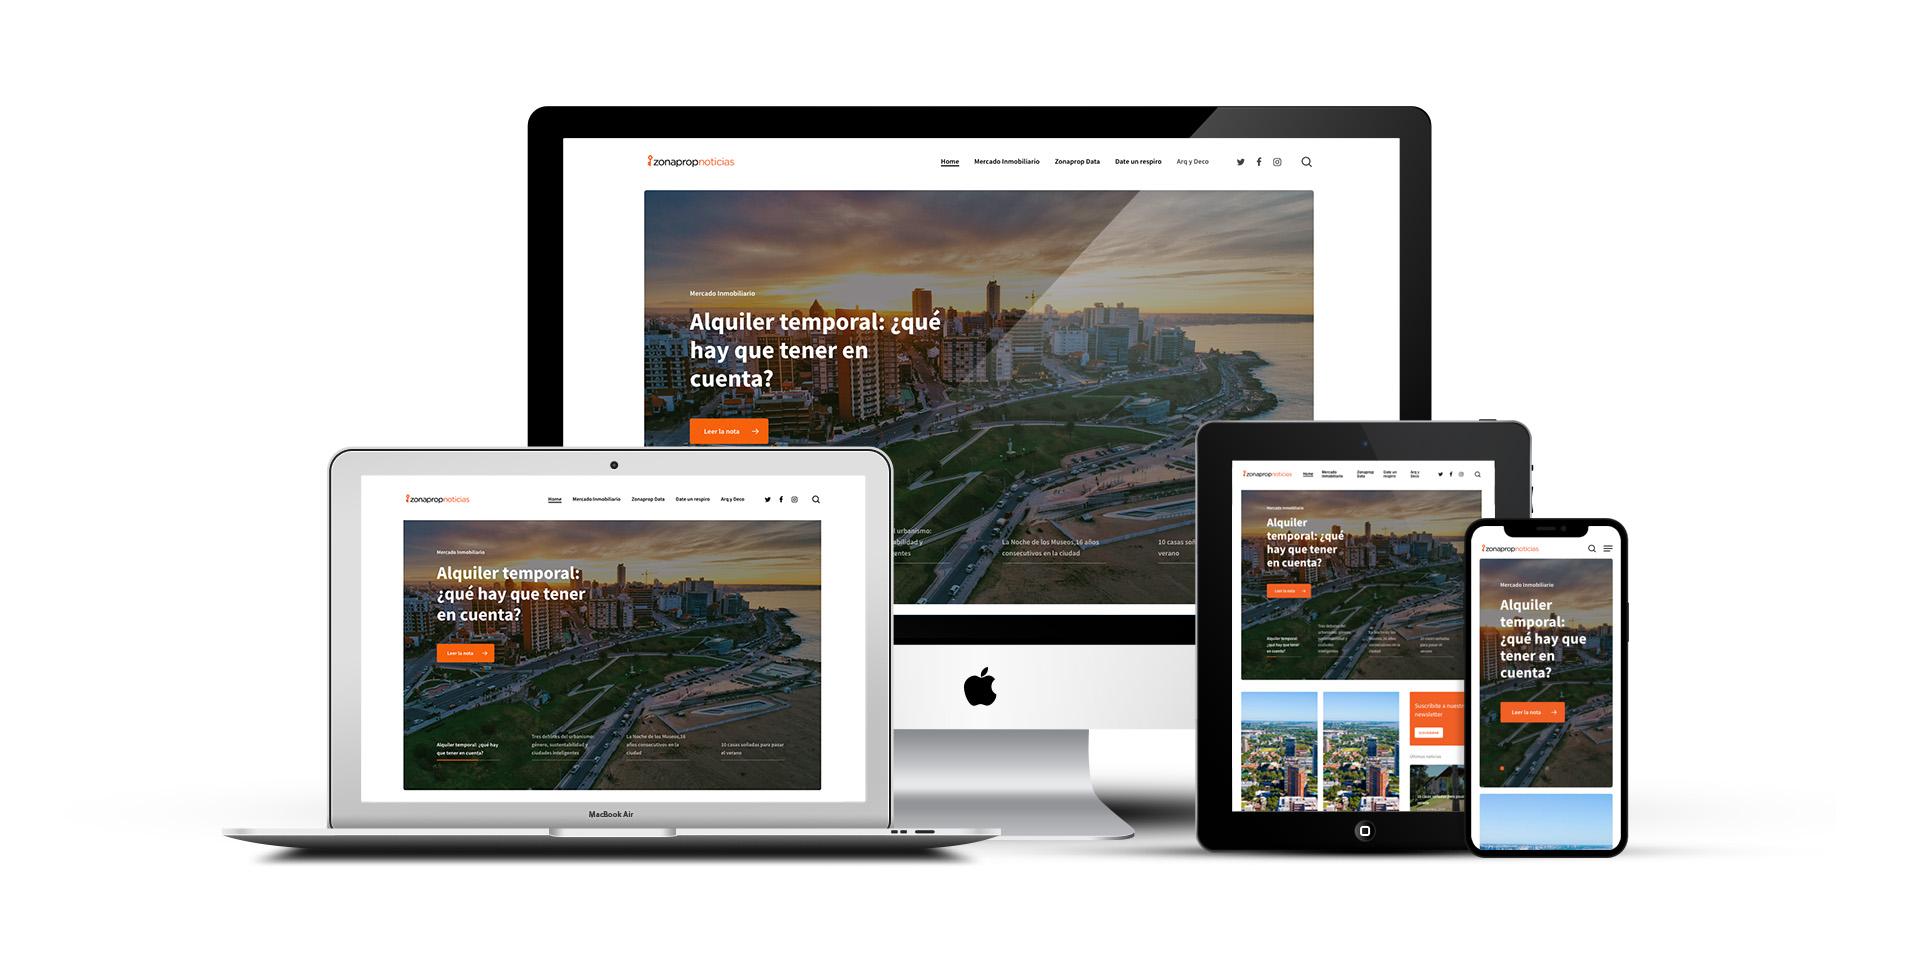 Zonaprop lanza su nuevo sitio de contenidos junto a Interactivity